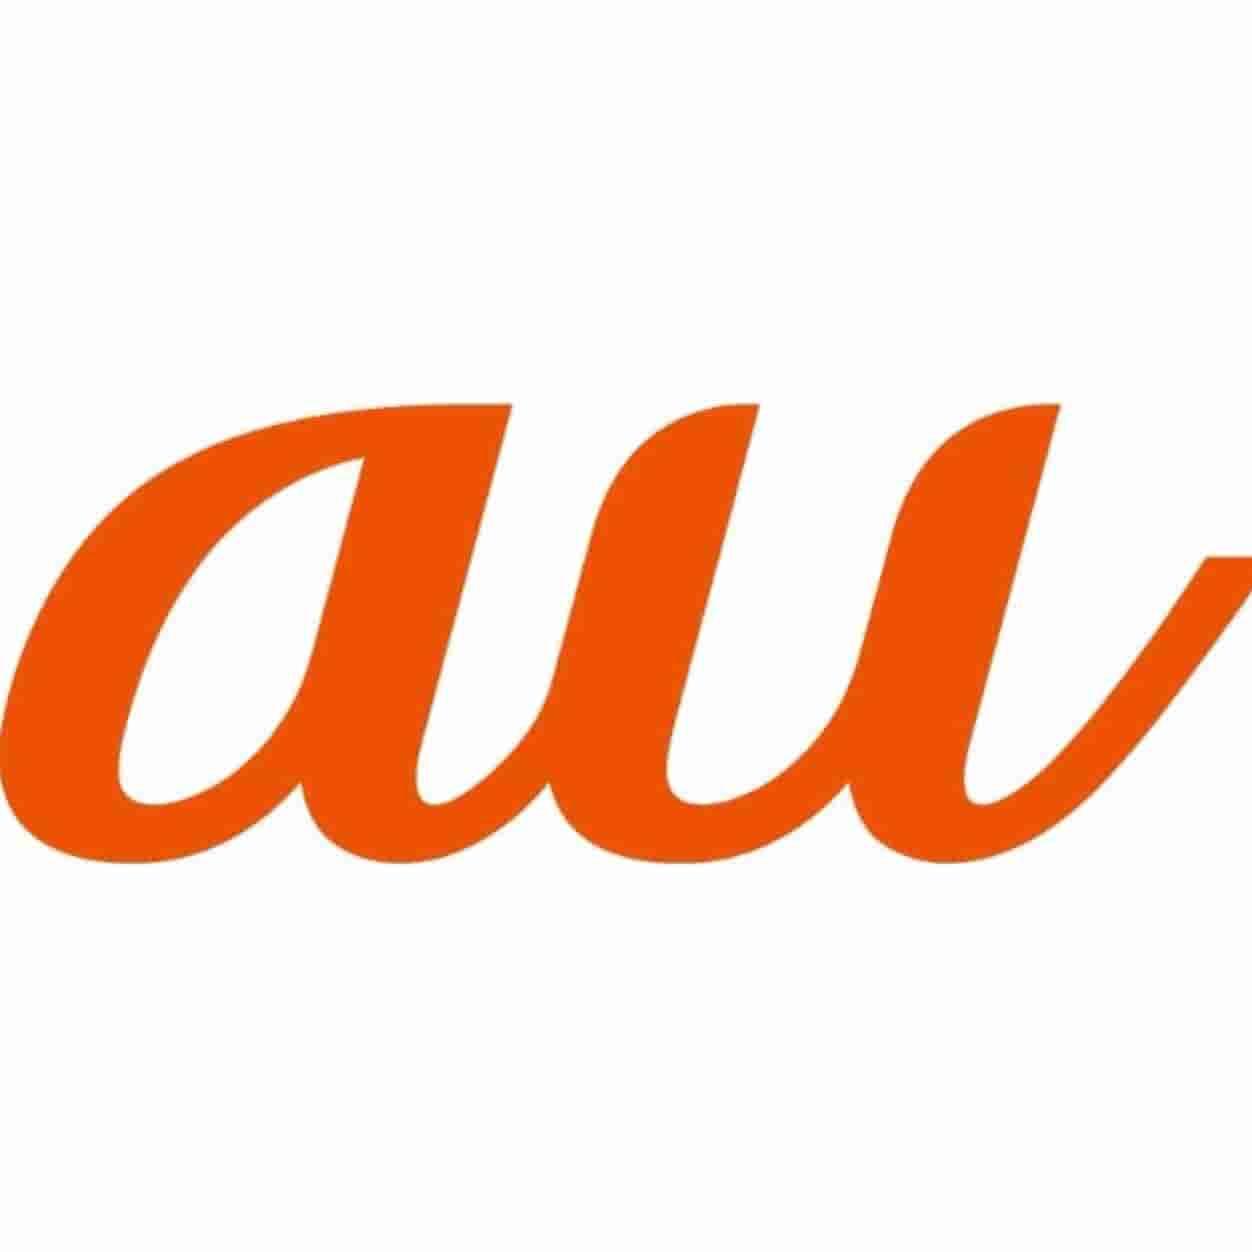 フラット for DATAロゴ